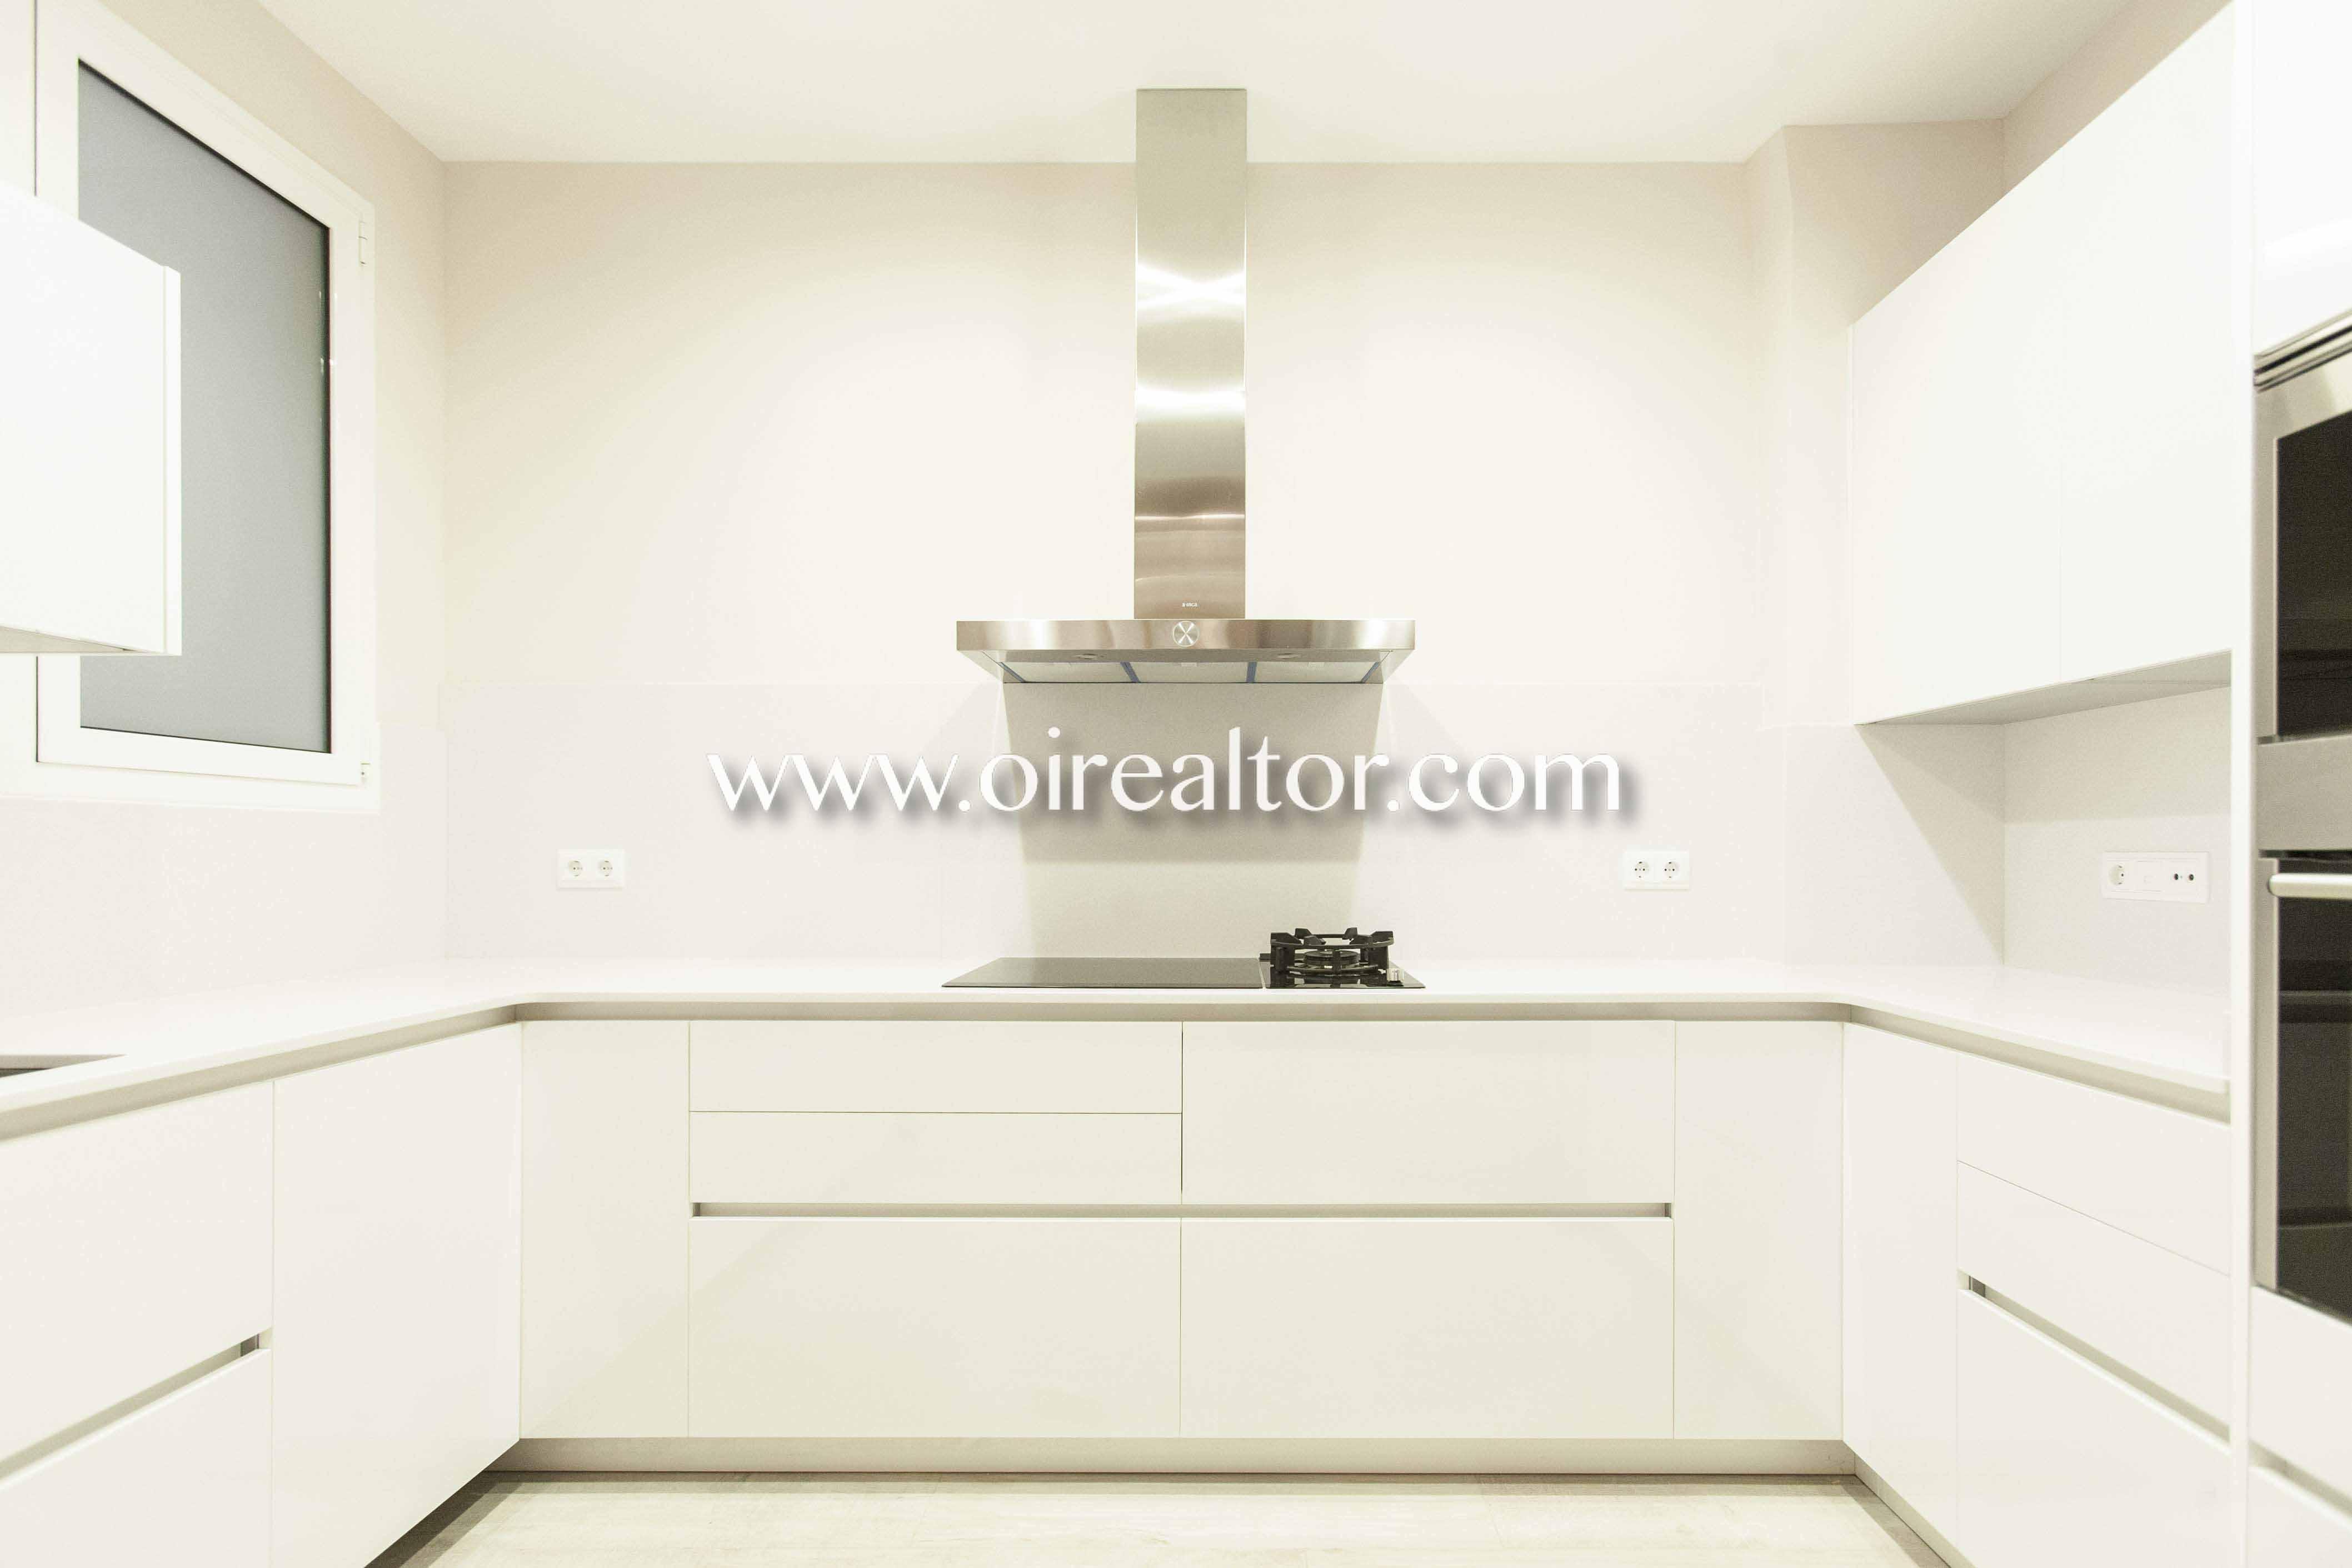 cocina, cocina equipada, cocina con electrodomésticos, electrodomésticos, horno, campana extractora, vitrocerámica